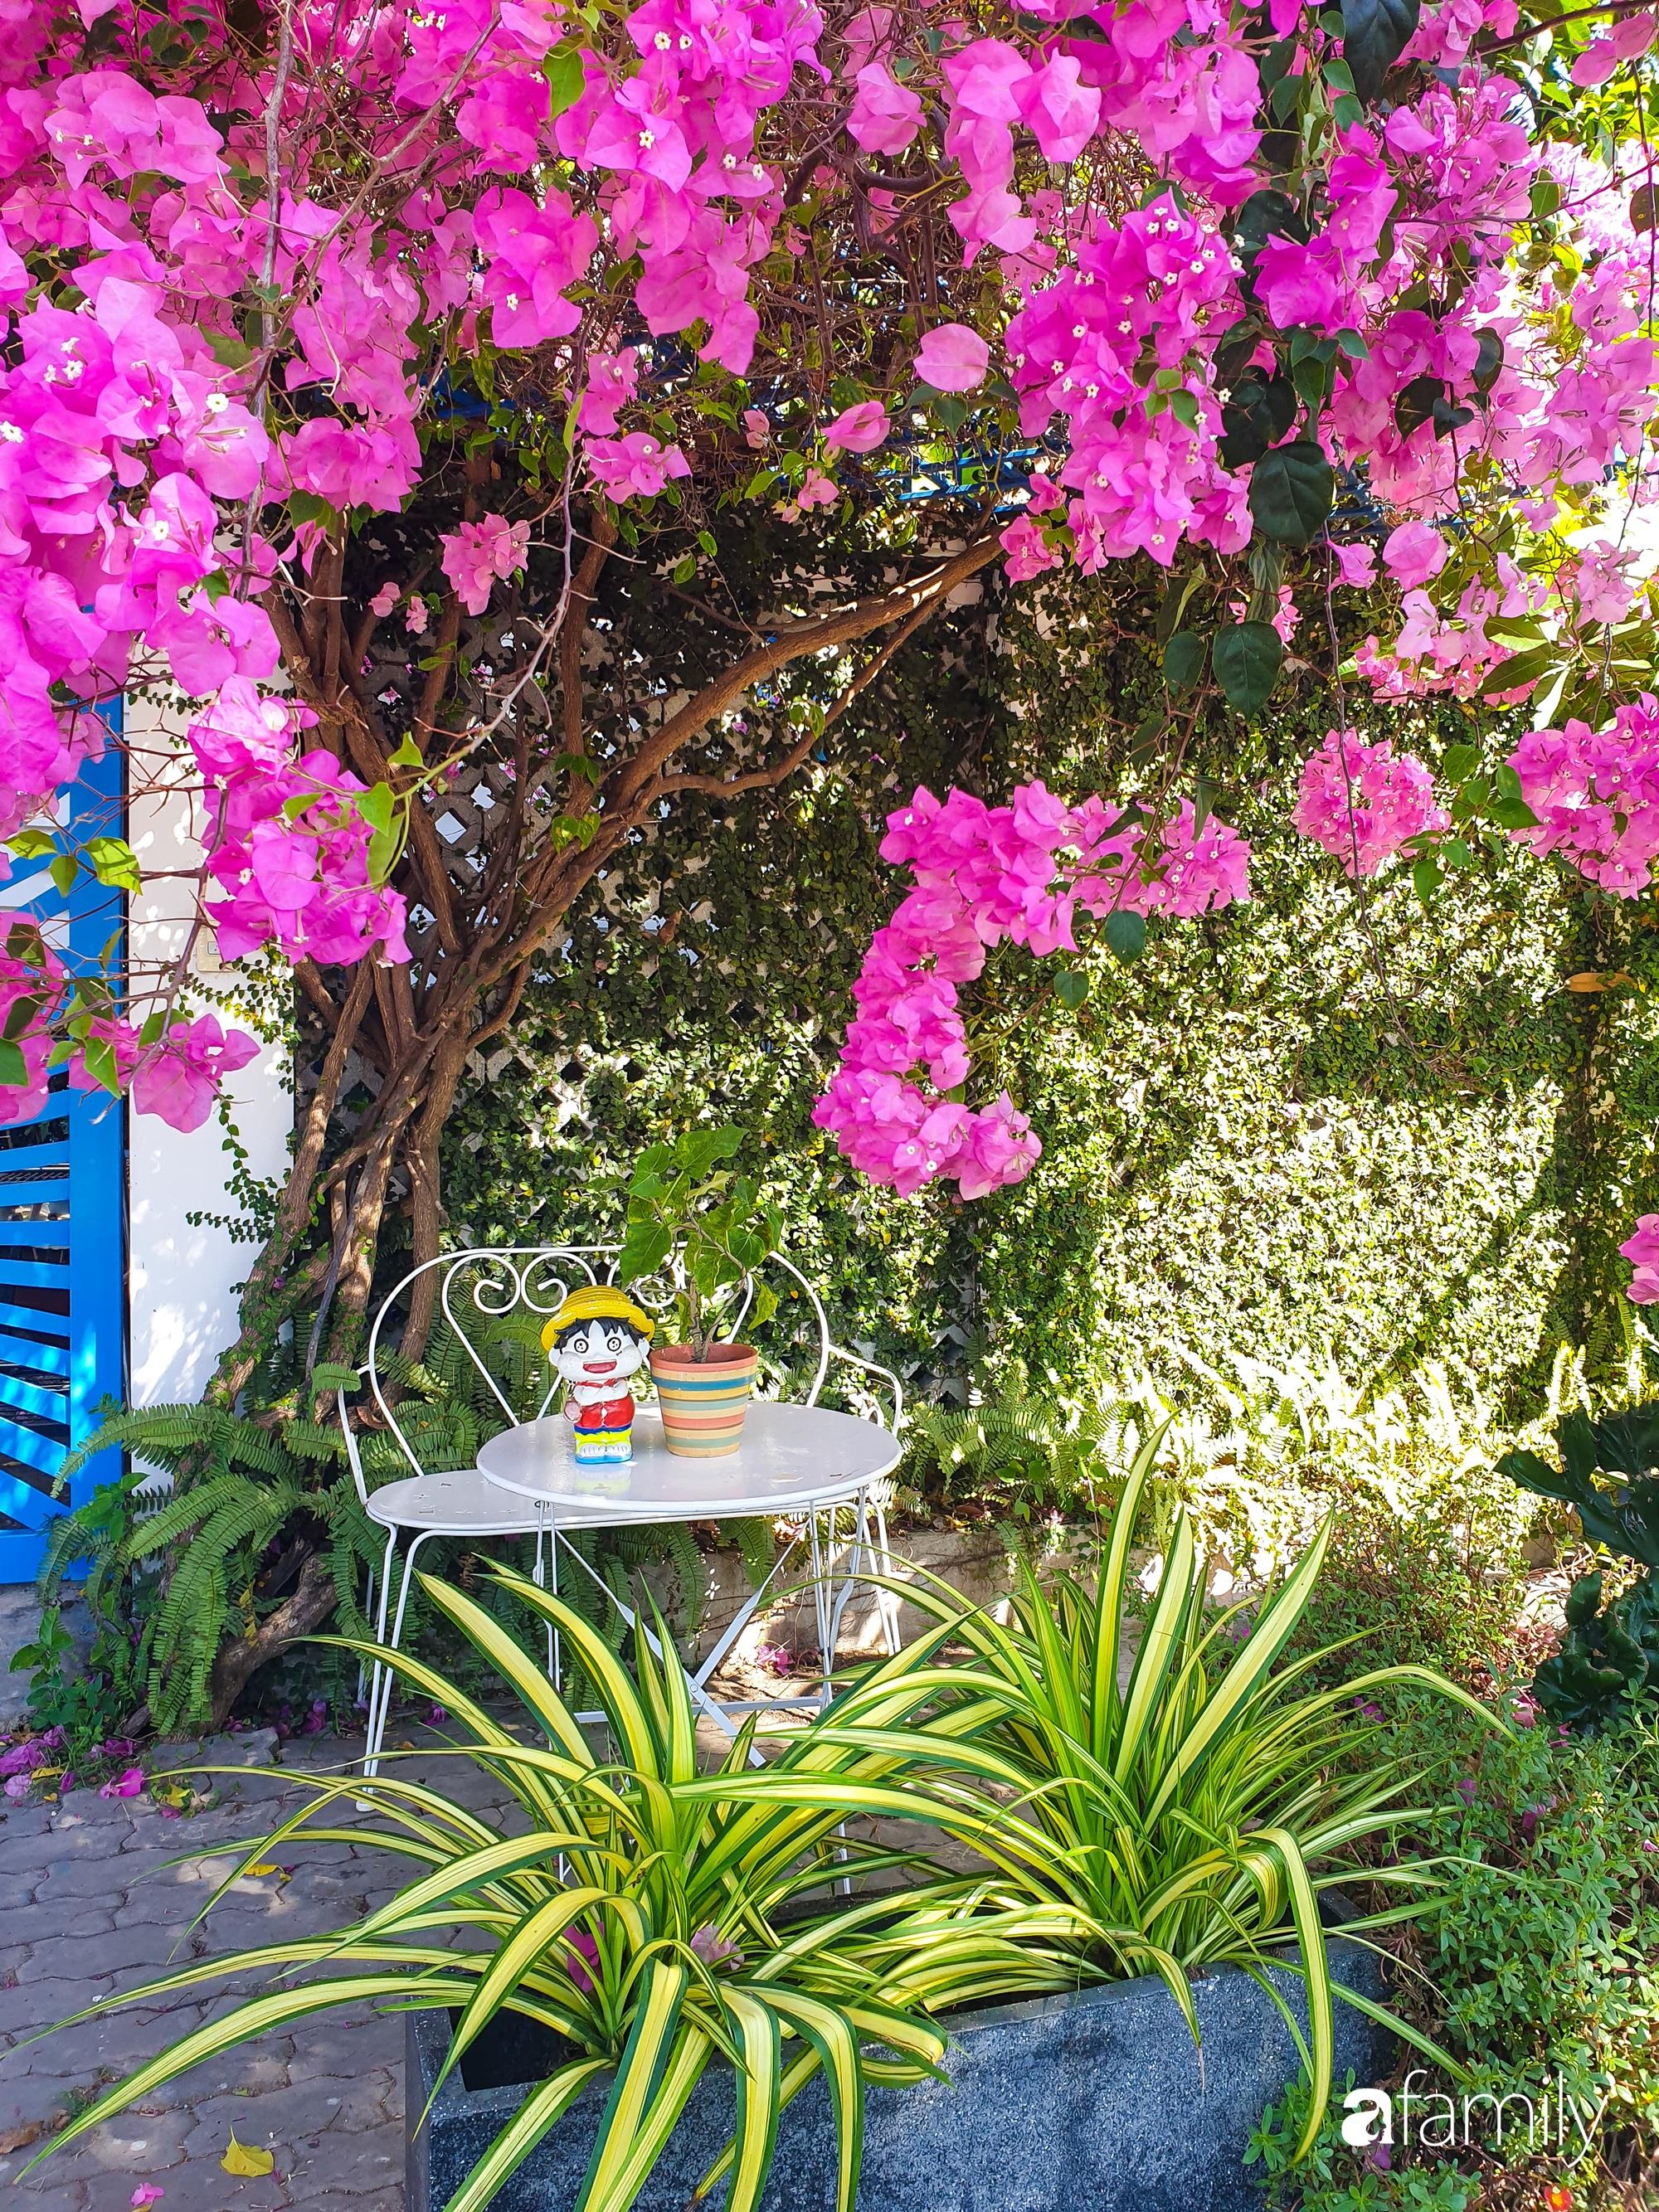 Khu vườn trước nhà xanh mát bóng cây và hoa của anh chàng dành cả thanh xuân để chăm sóc thú cưng - Ảnh 3.